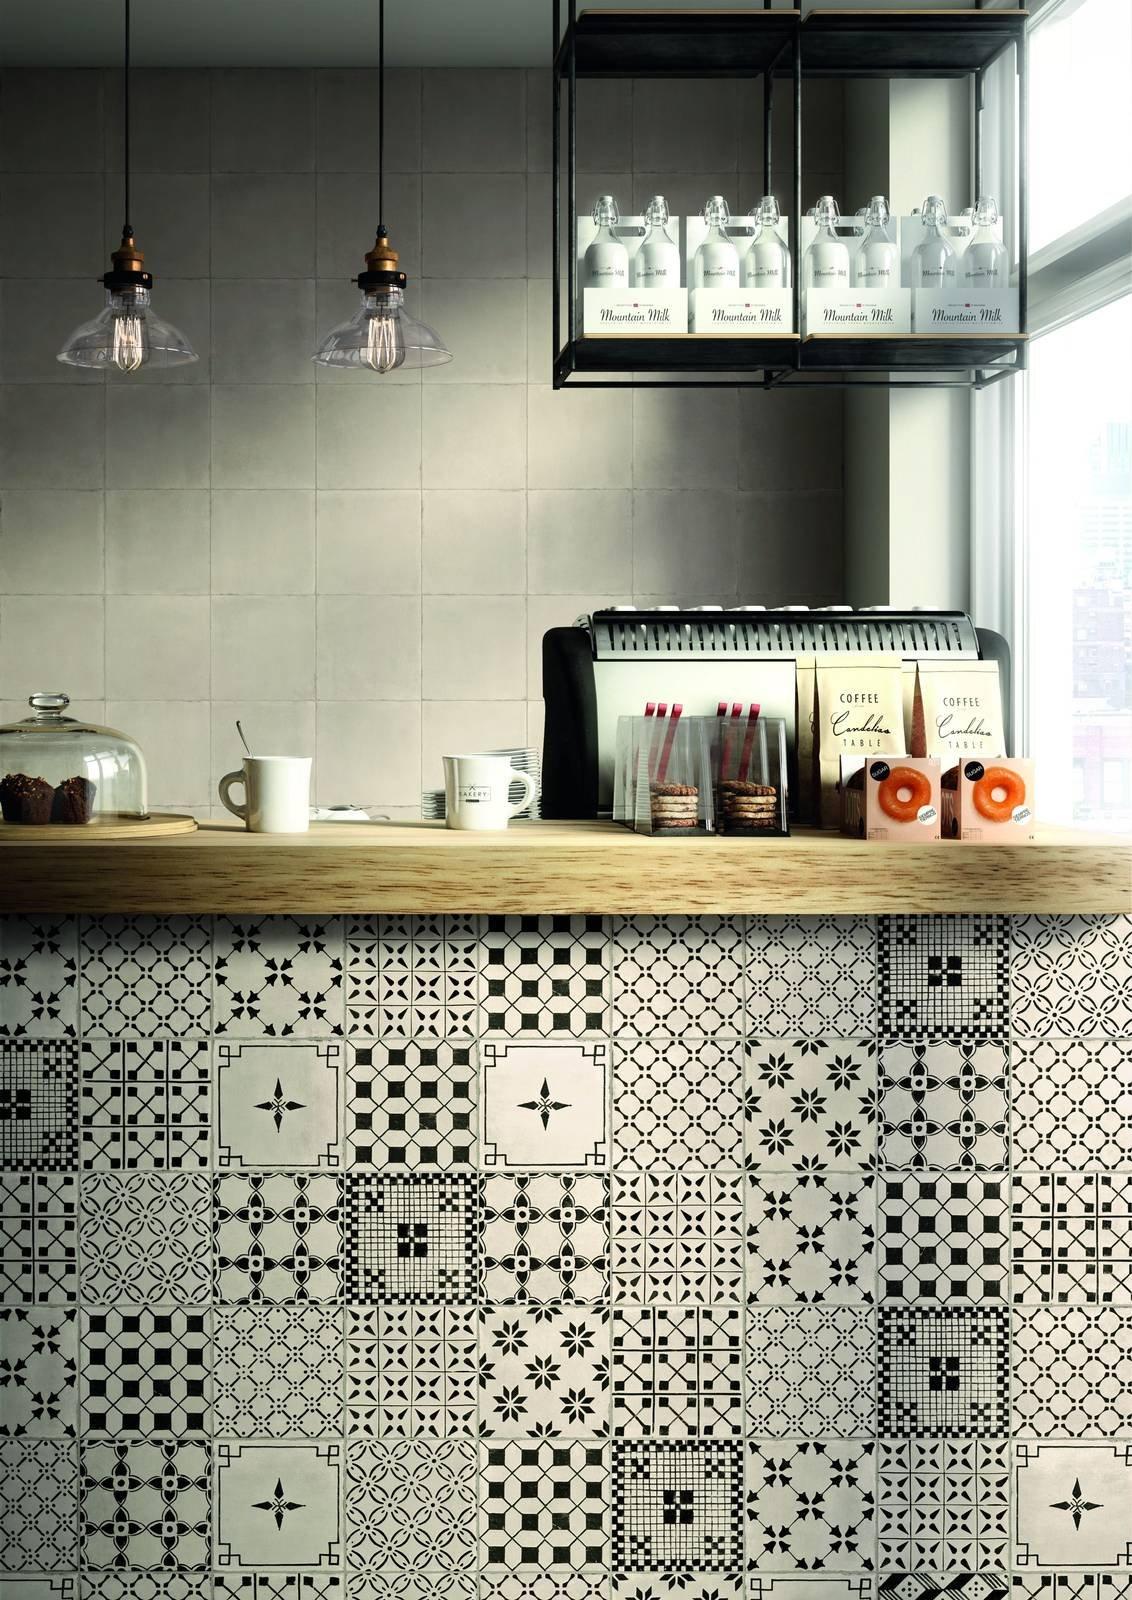 Piastrelle cucina a pavimento o parete anche multicolor for Piastrelle cucina bianche e nere